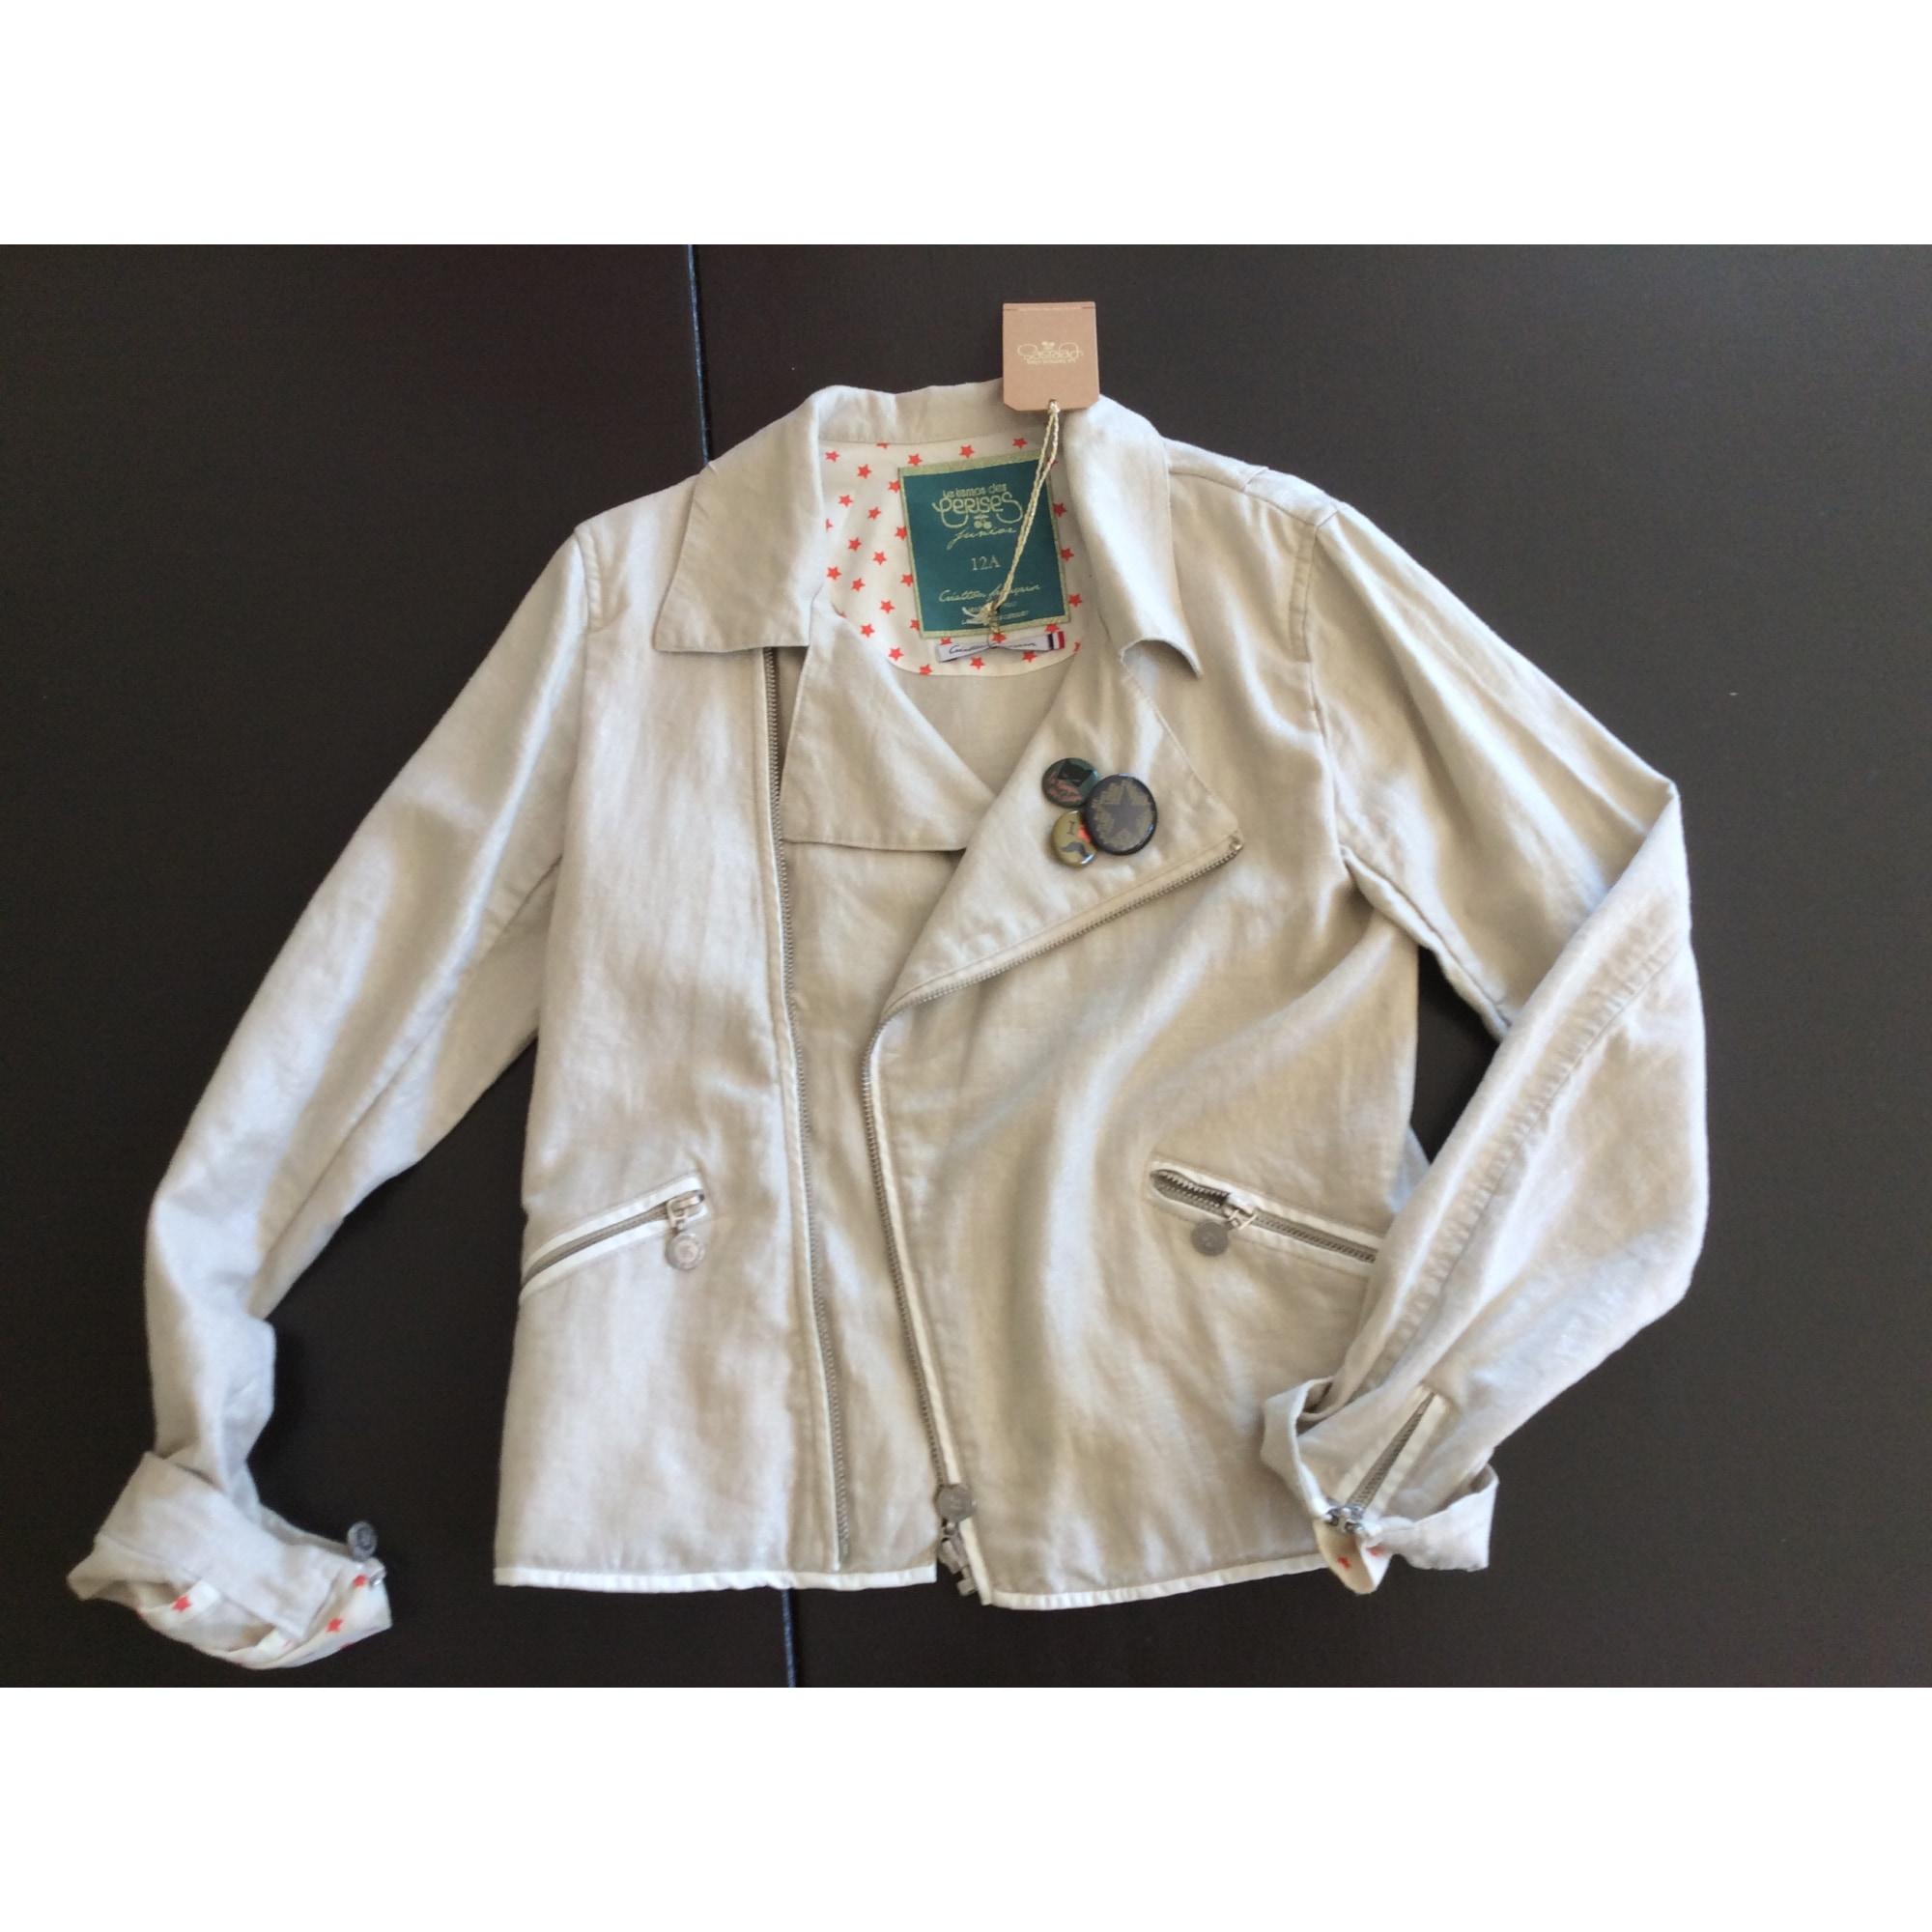 Veste LE TEMPS DES CERISES coton blanc 11-12 ans